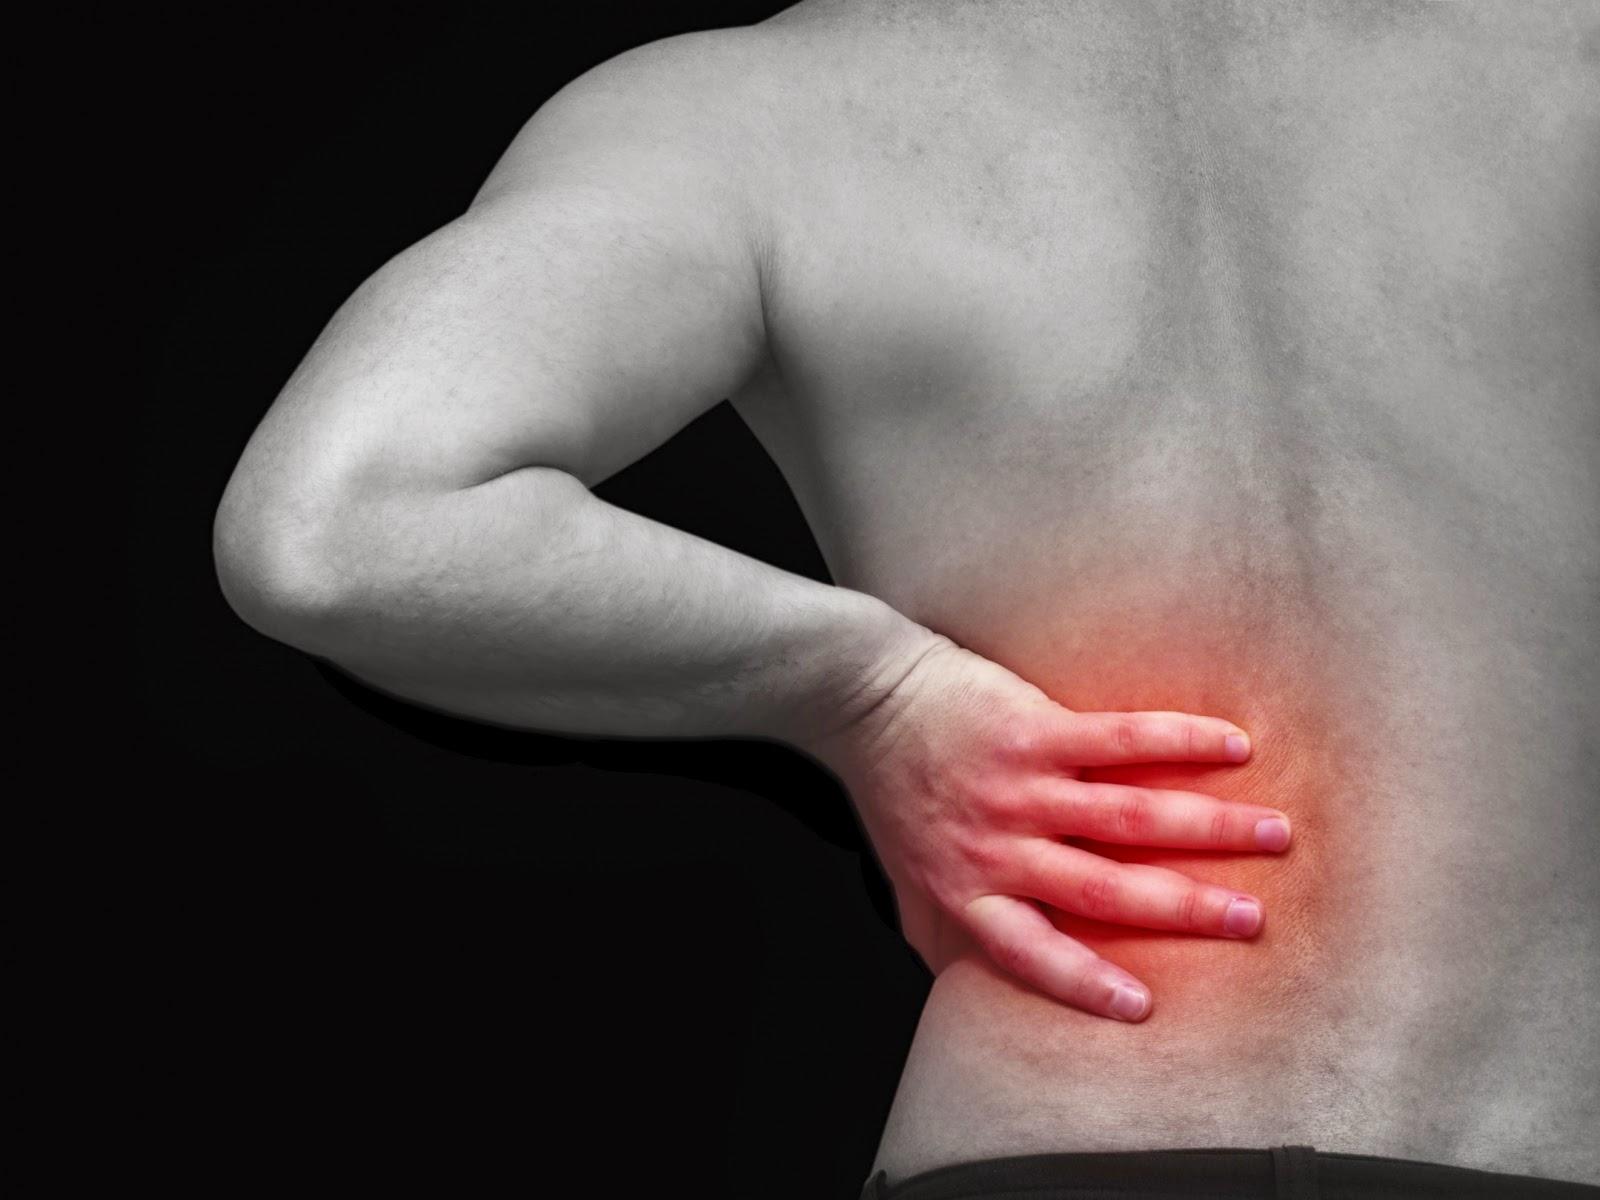 Las ocupaciones en fitbole a la osteocondrosis del vídeo